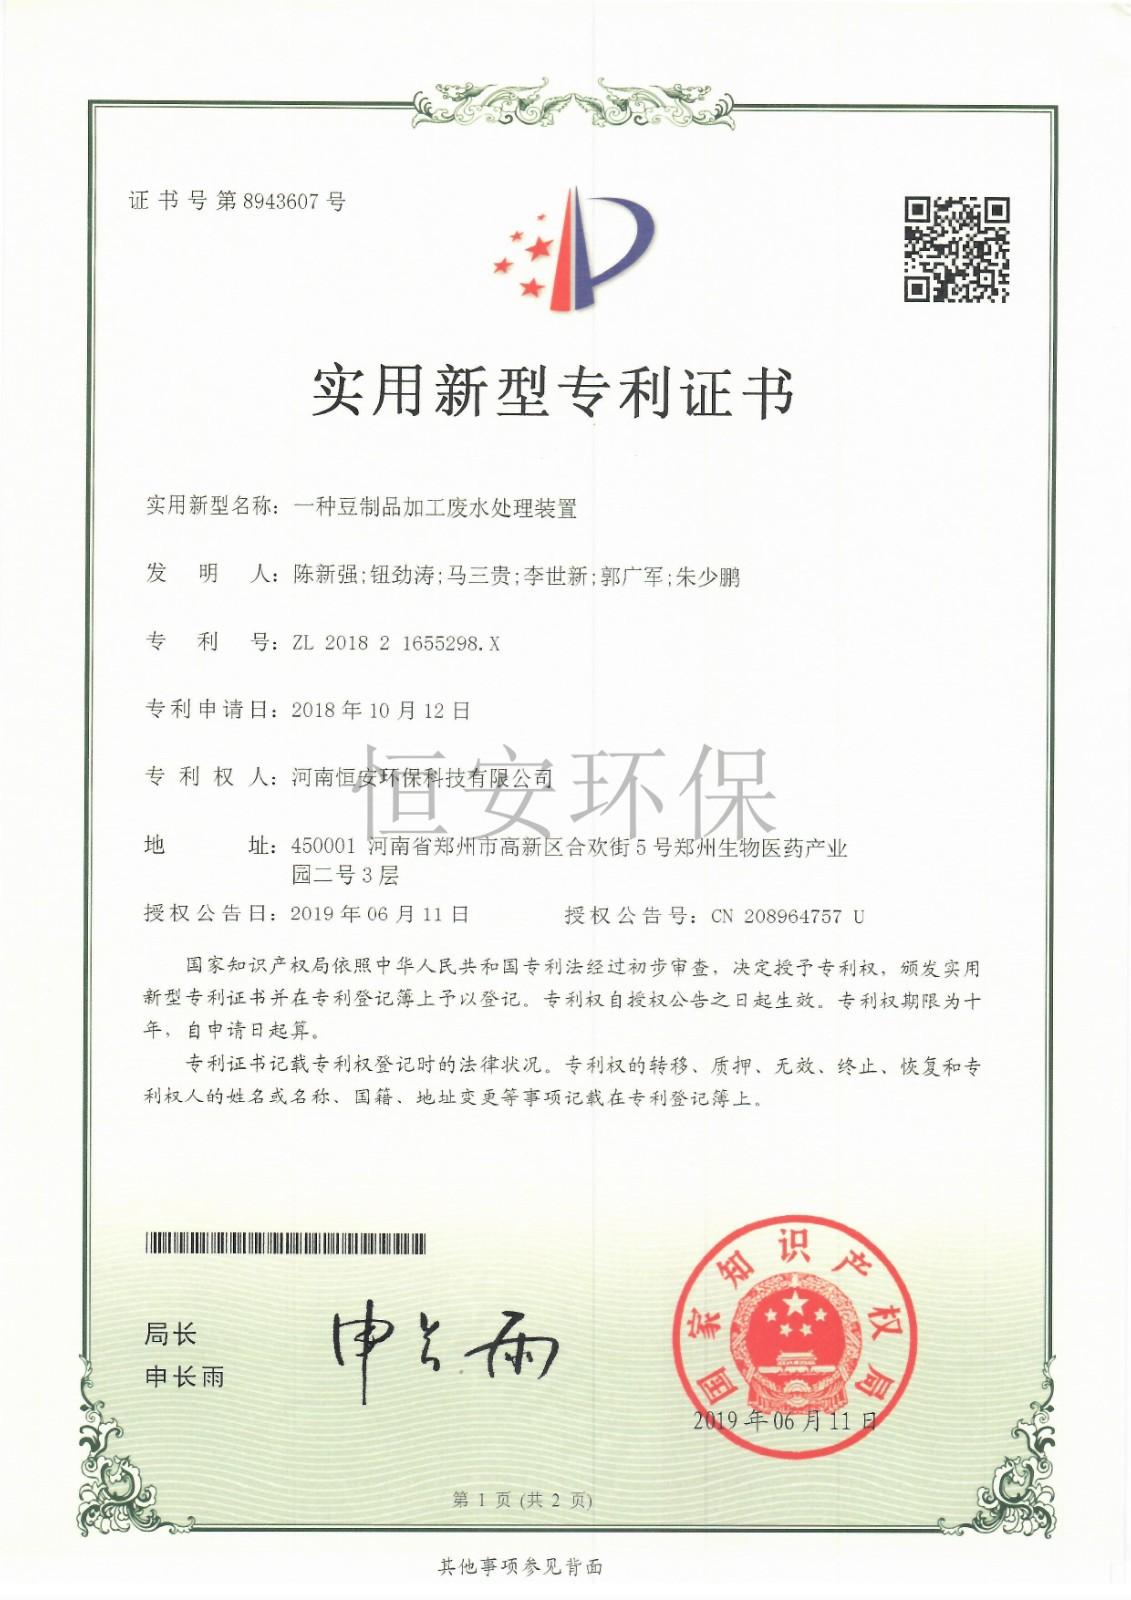 专利-一种豆制品加工雷火电竞娱乐处理装置 - 副本.jpg